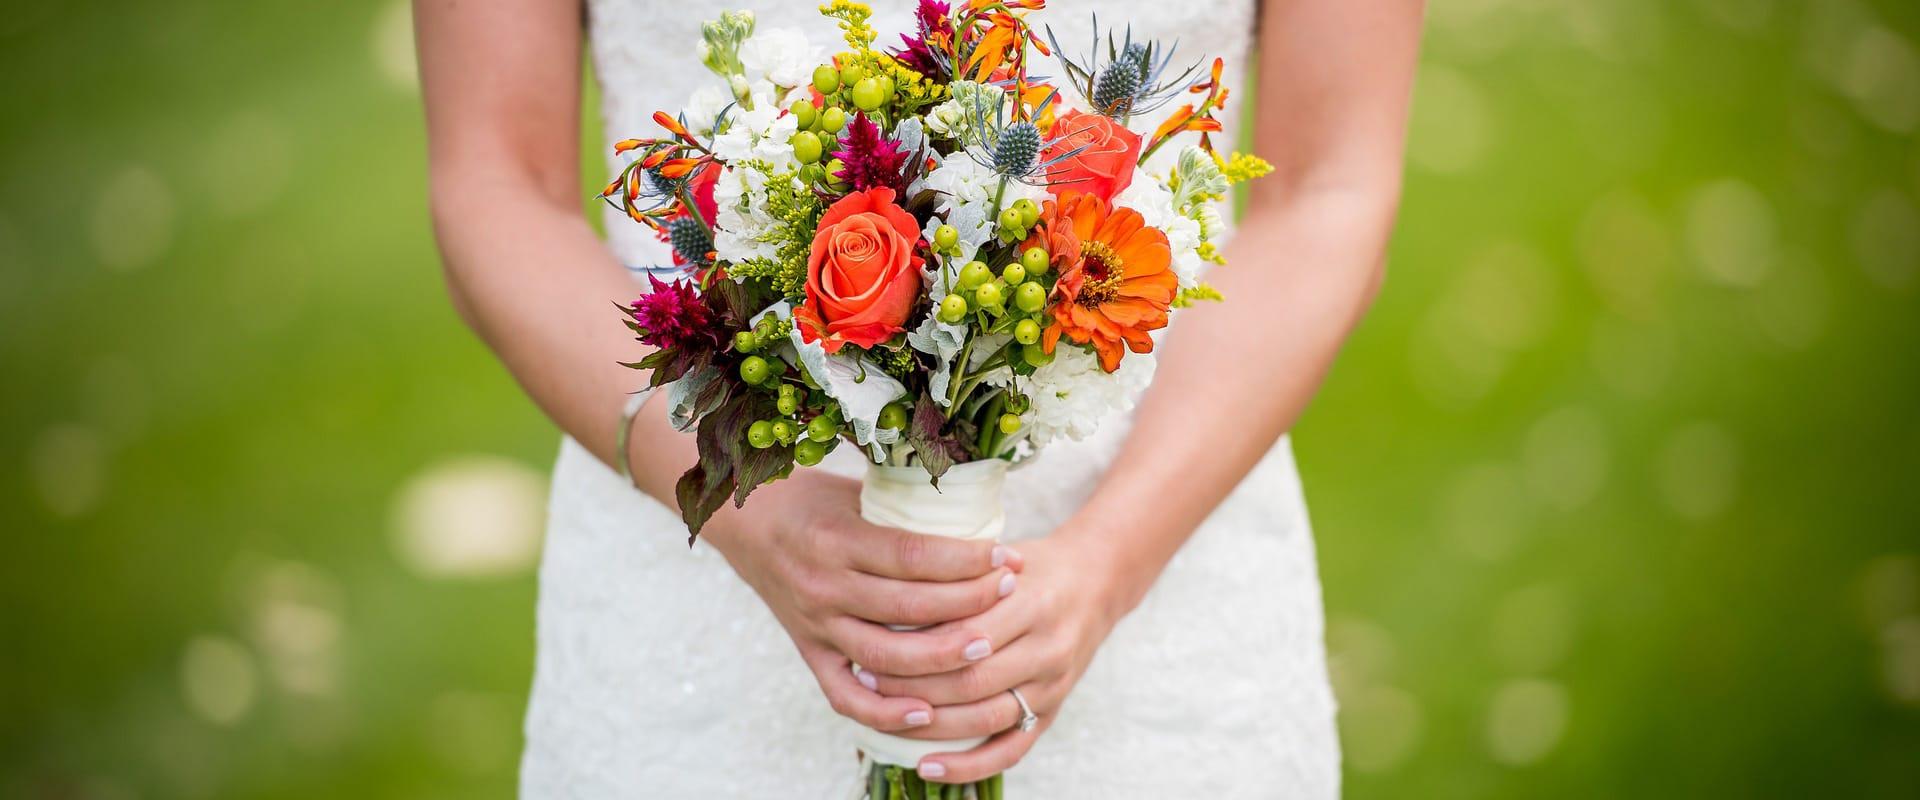 wedding-inquiries-banner